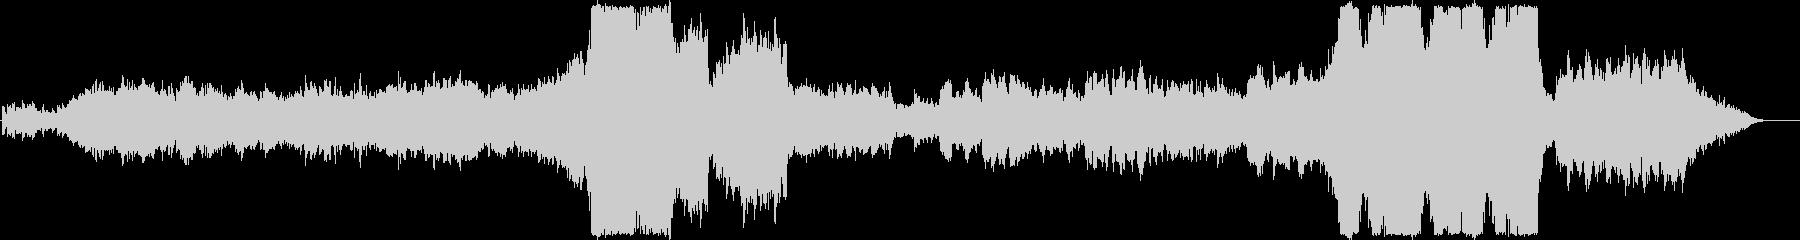 緩急のある神秘的なオーケストラBGMの未再生の波形